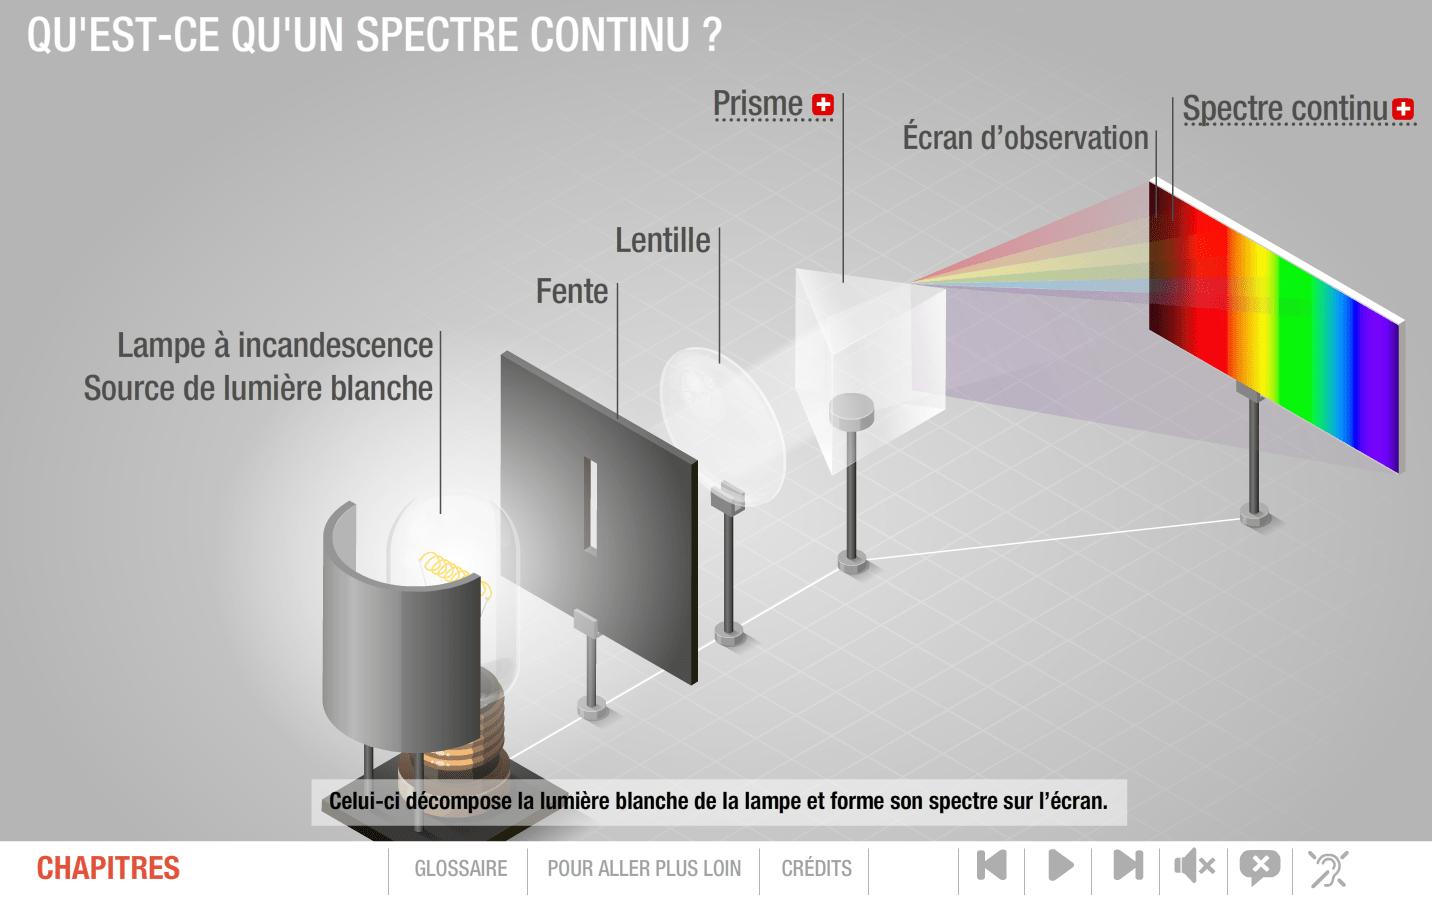 Spectre atomique